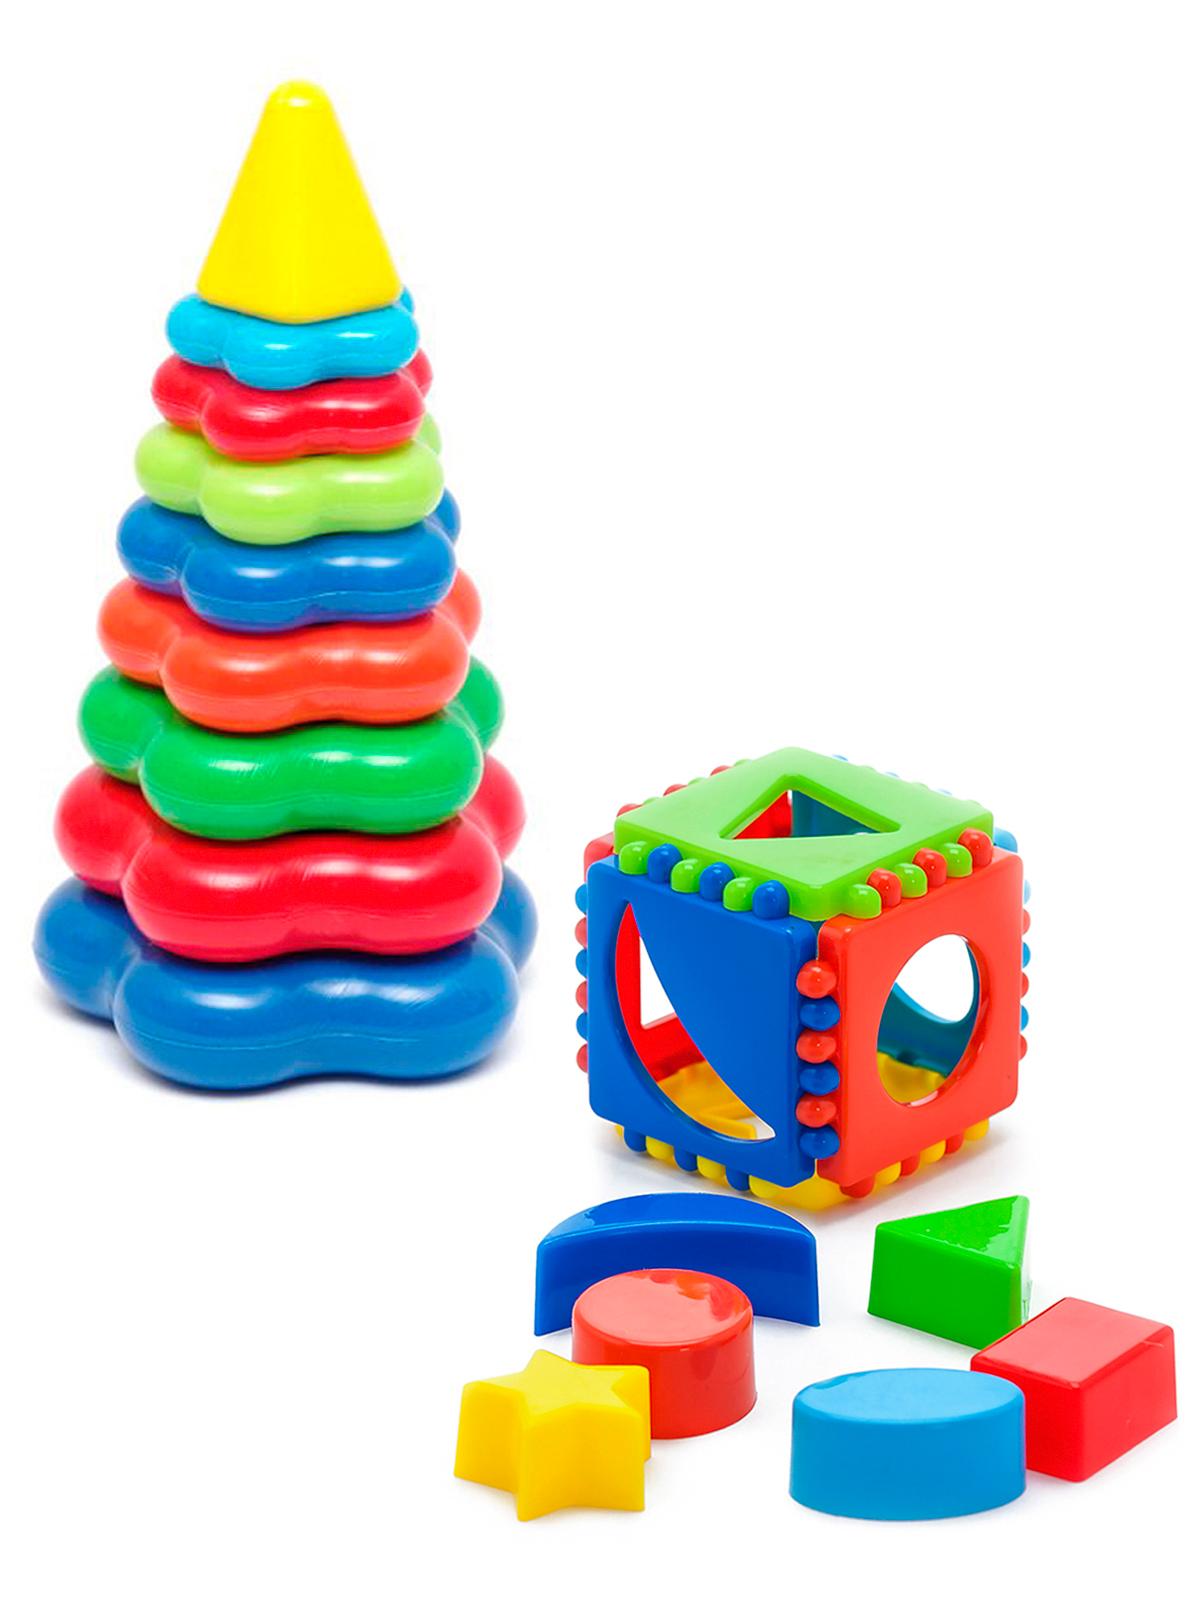 Развивающие игрушки Karolina Toys Игрушка Кубик логический малый+Пирамида детская большая,  - купить со скидкой